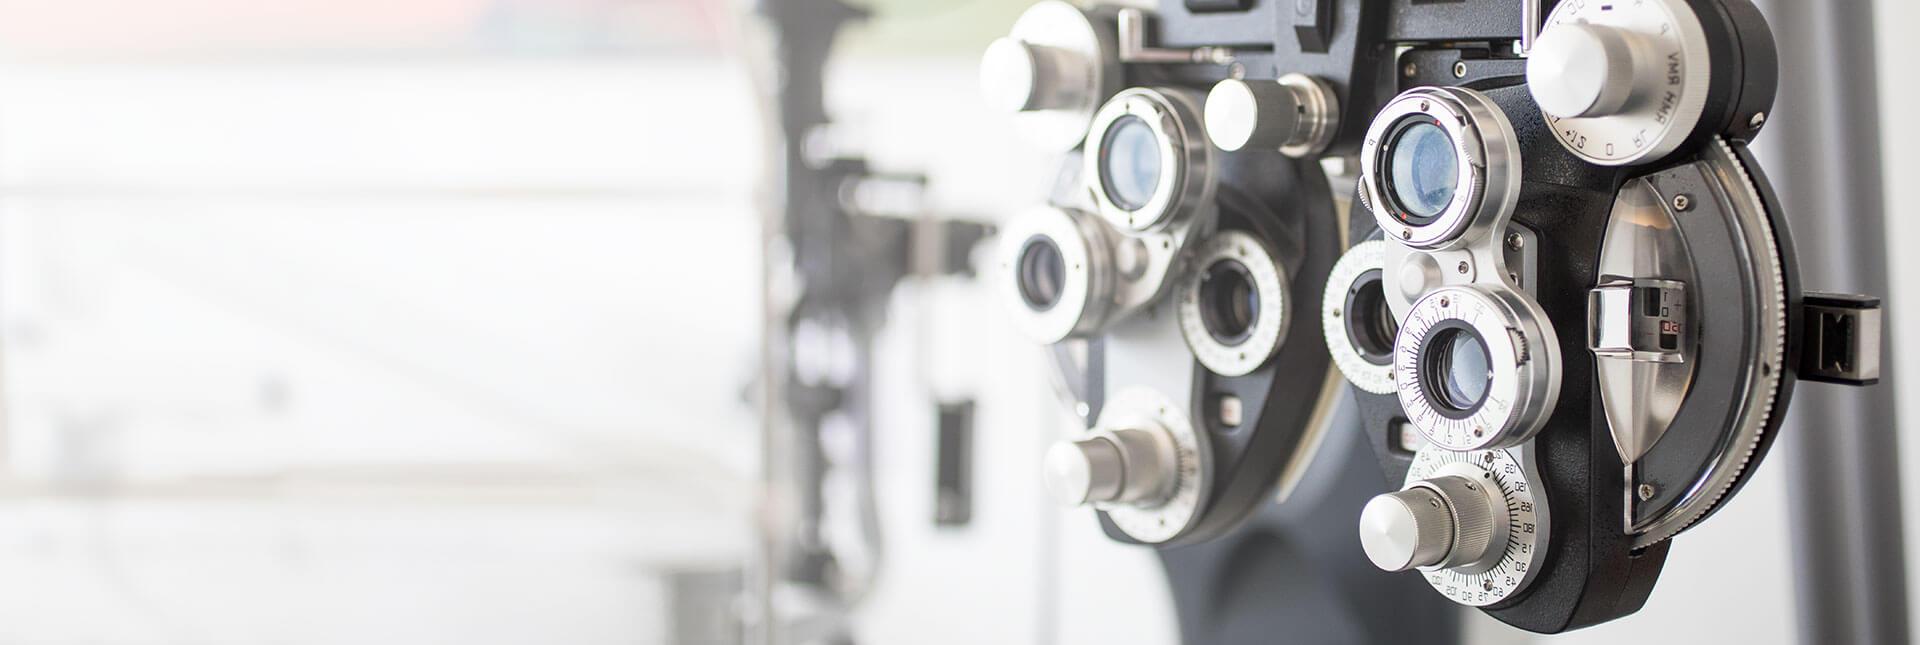 Augenärzte Sindelfingen – Praxis Öffnungszeiten